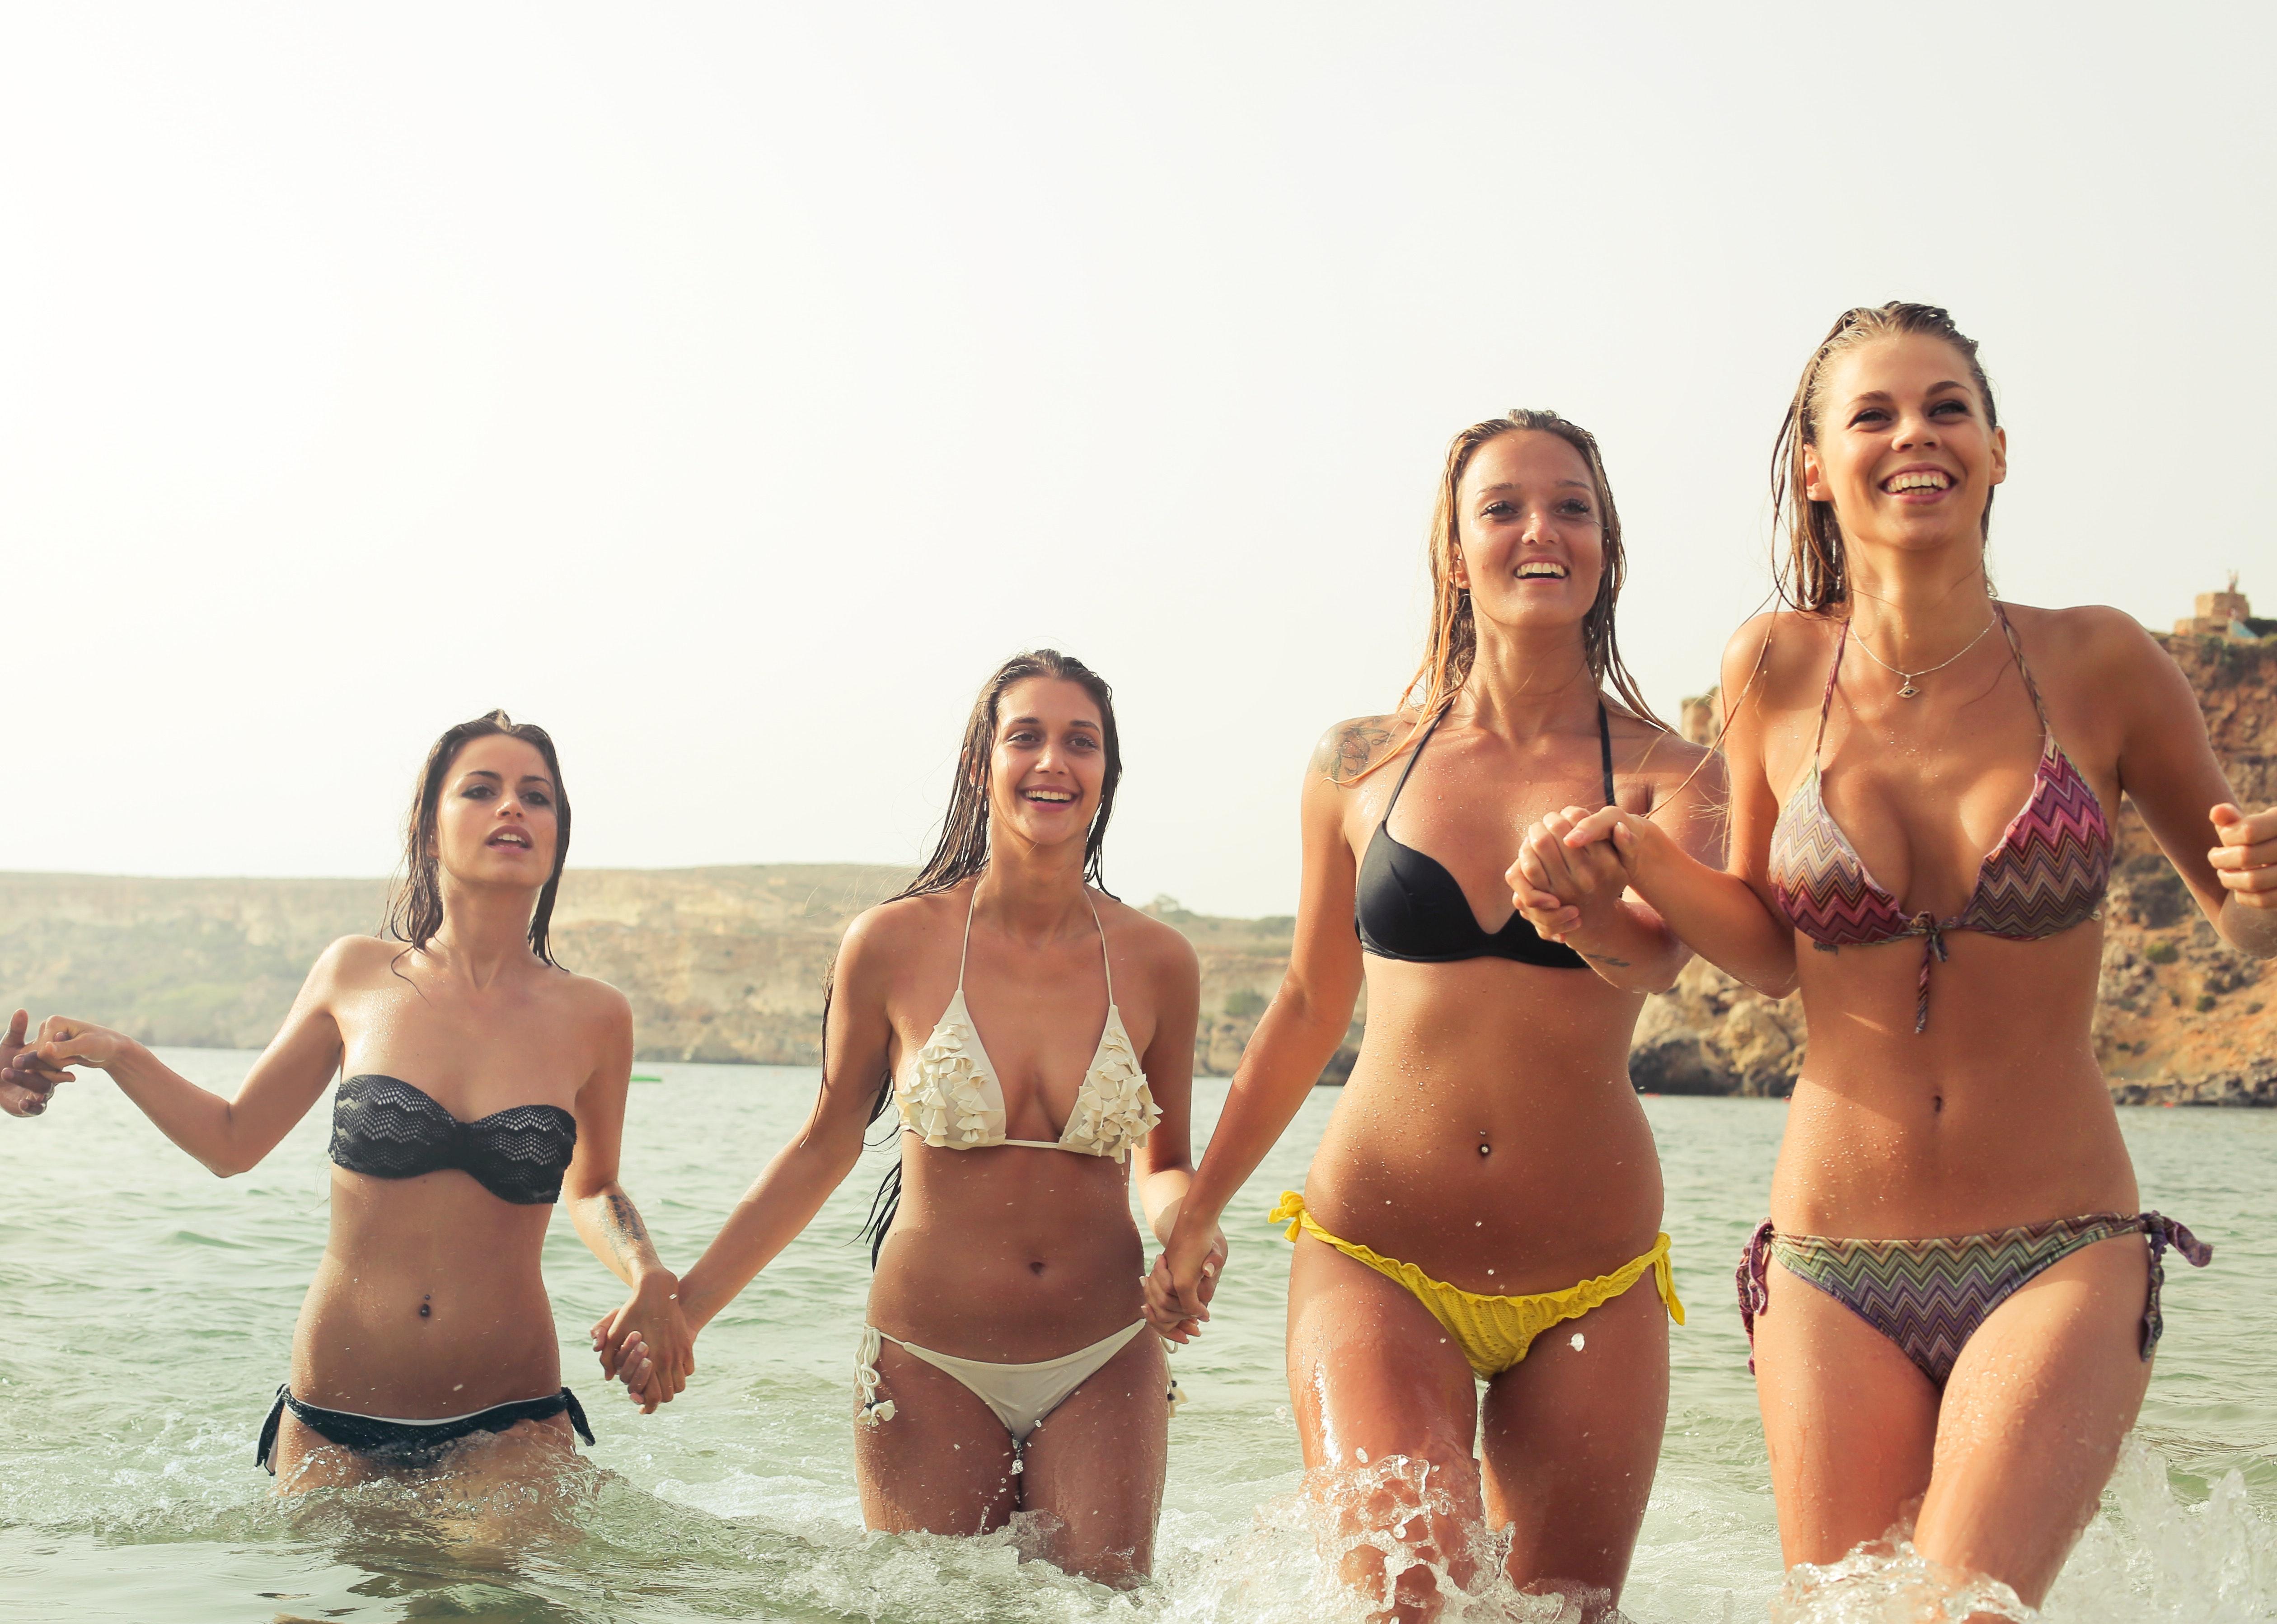 Group of woman wearing bikini on body of water photo